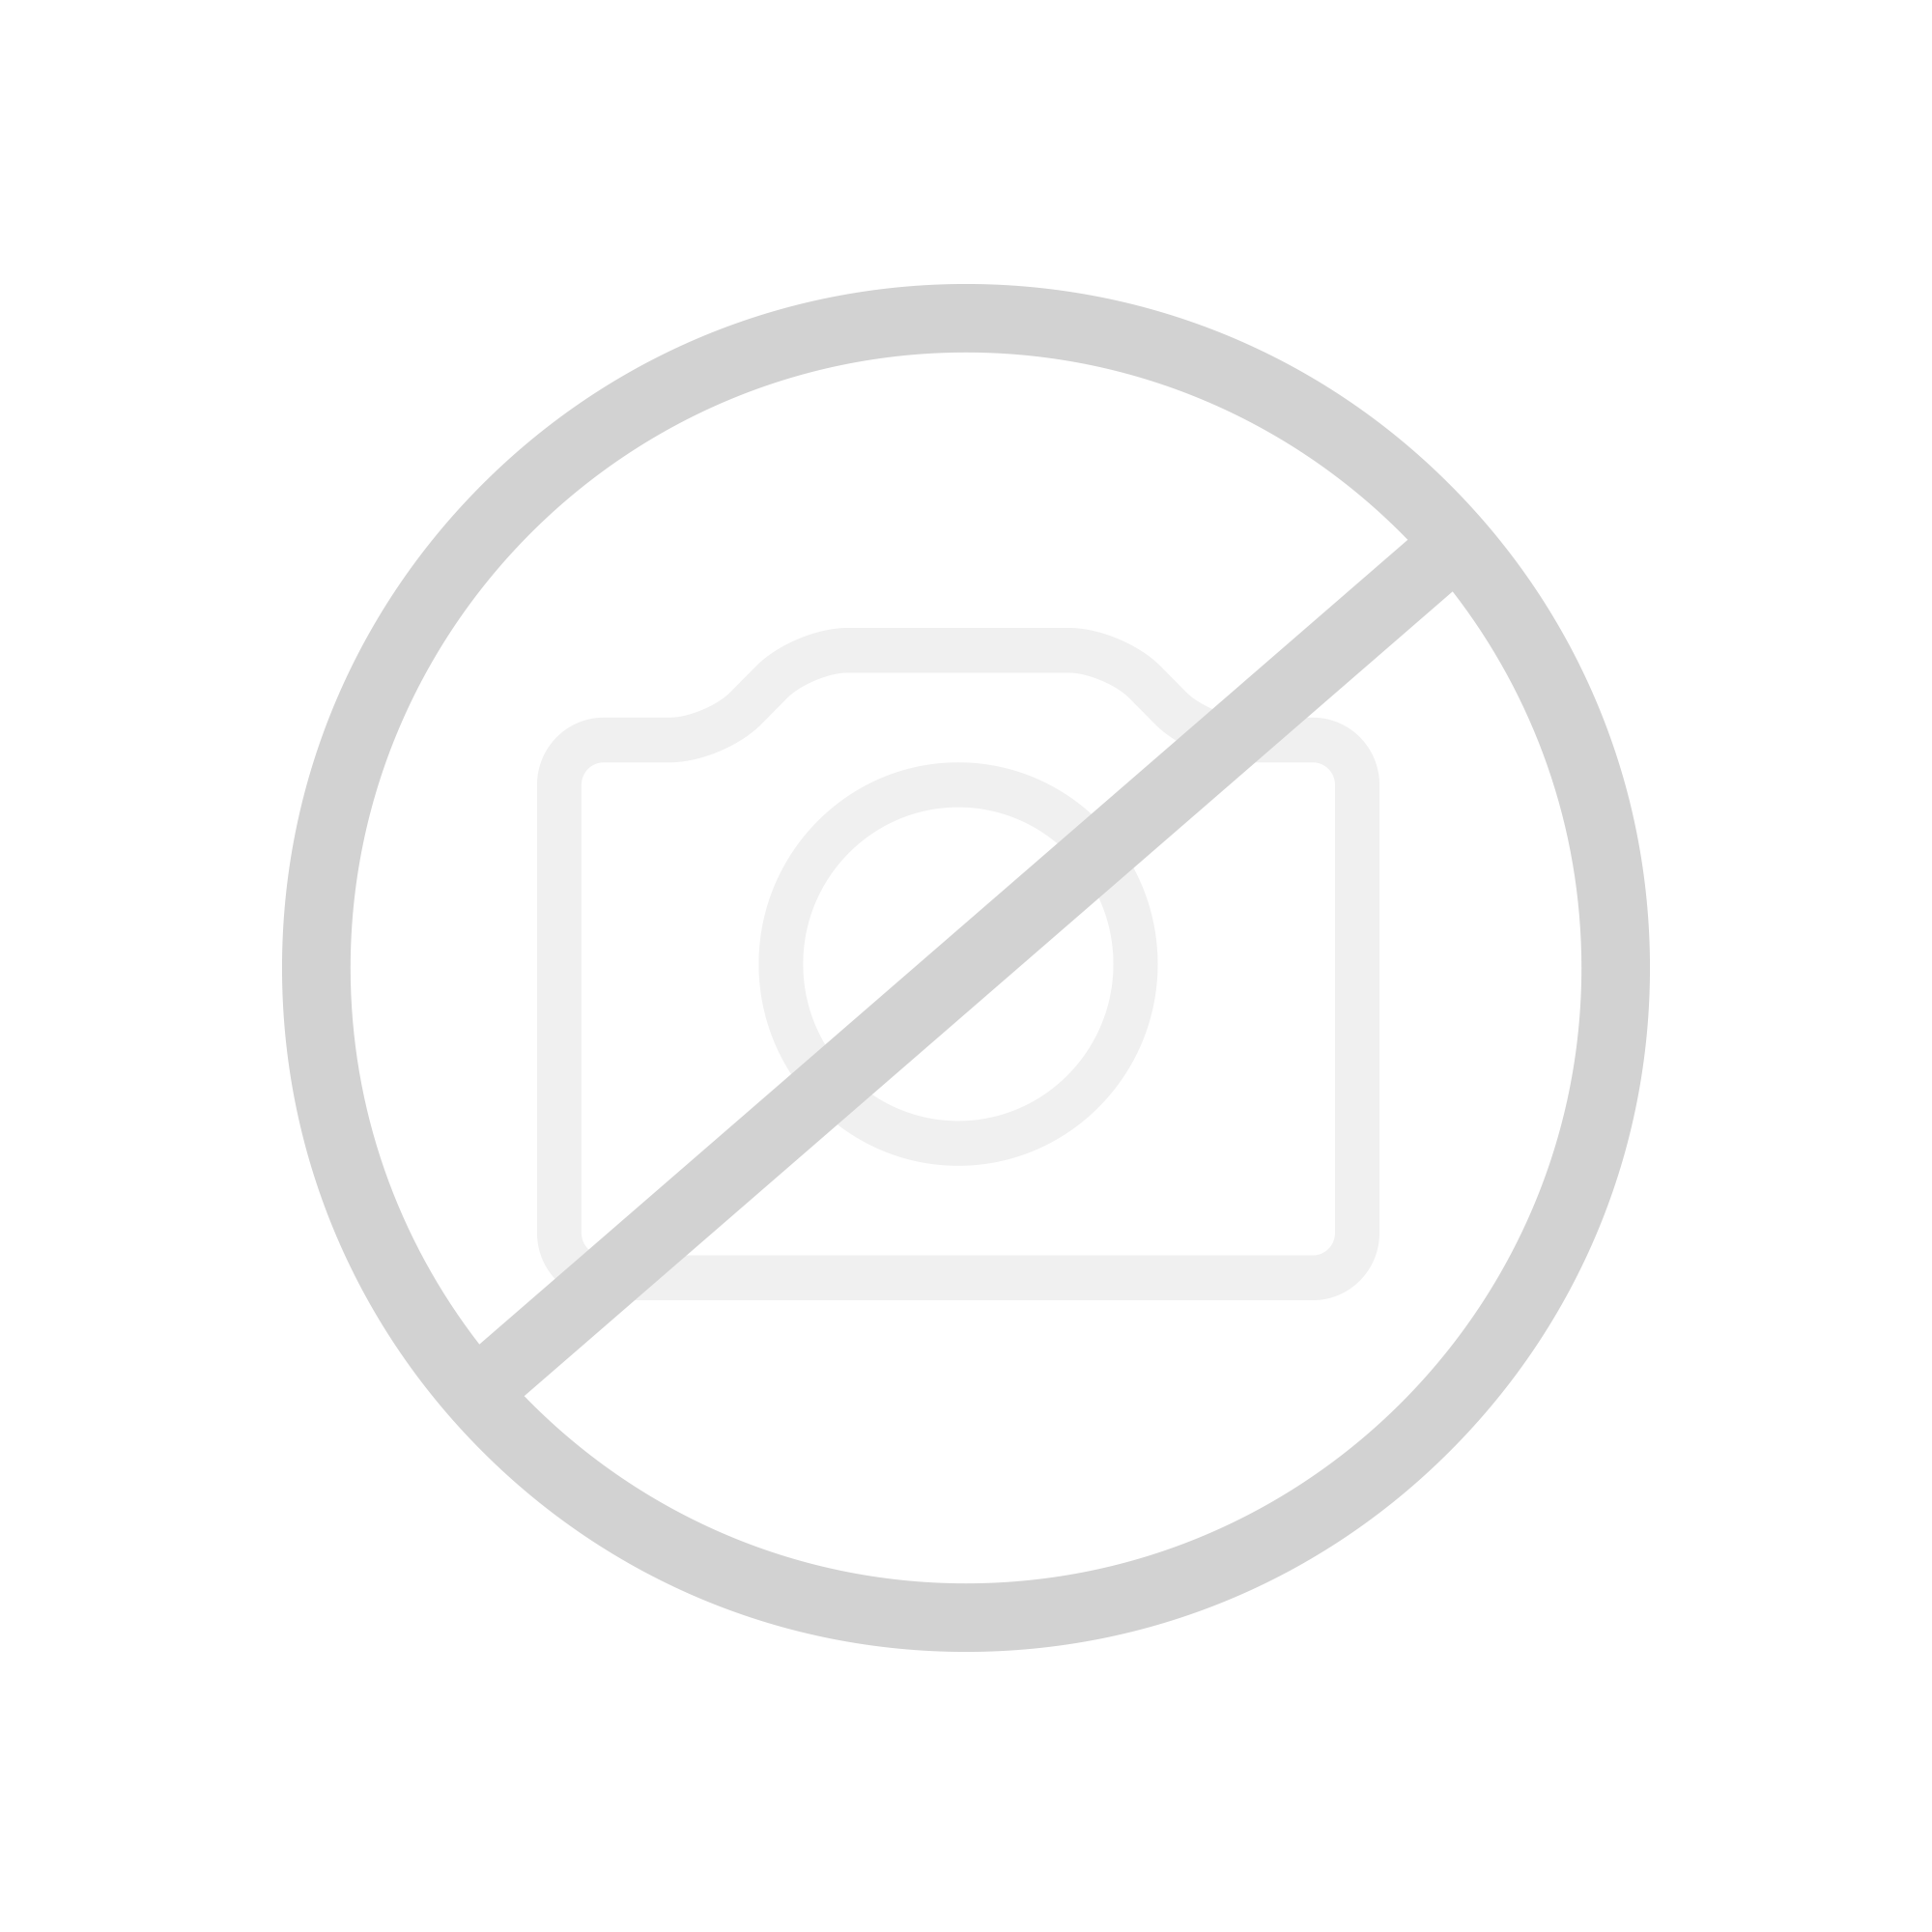 Geberit Sitzauflage extra soft, ohne Deckel, für AquaClean 8000 Dusch-WC